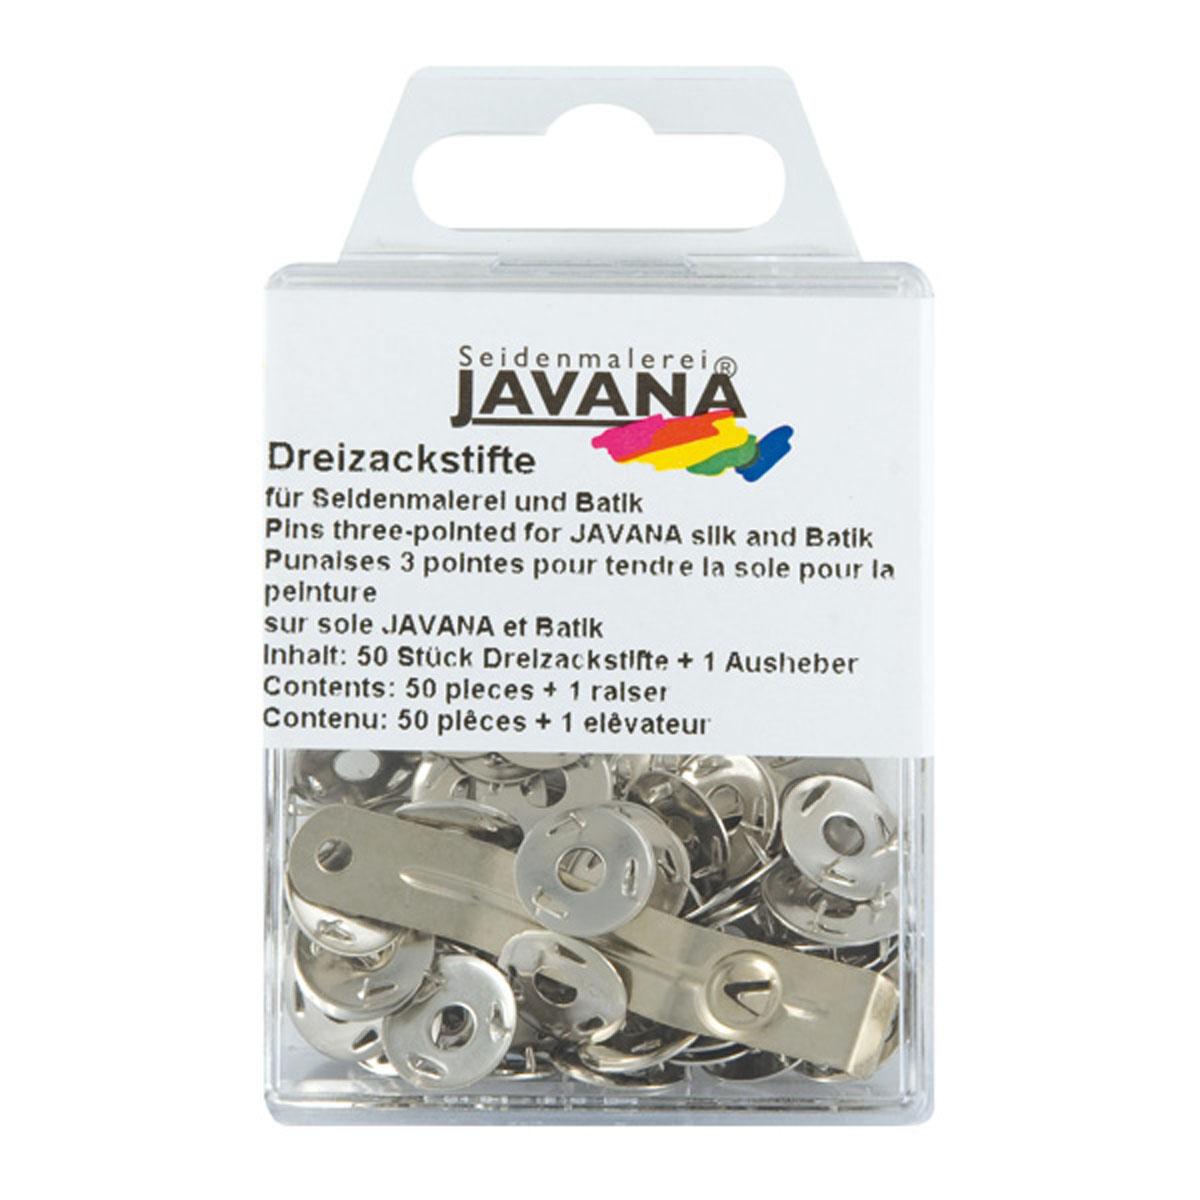 Кнопки канцелярские Kreul Javana, трехзубые, 50 штKR-810050Кнопки из нержавеющего металла 3-язычковые для натяжения и крепления шелка к раме. Применяются при росписи по шелку. В комплект входит инструмент для удаления кнопок. 50 штук в наборе.